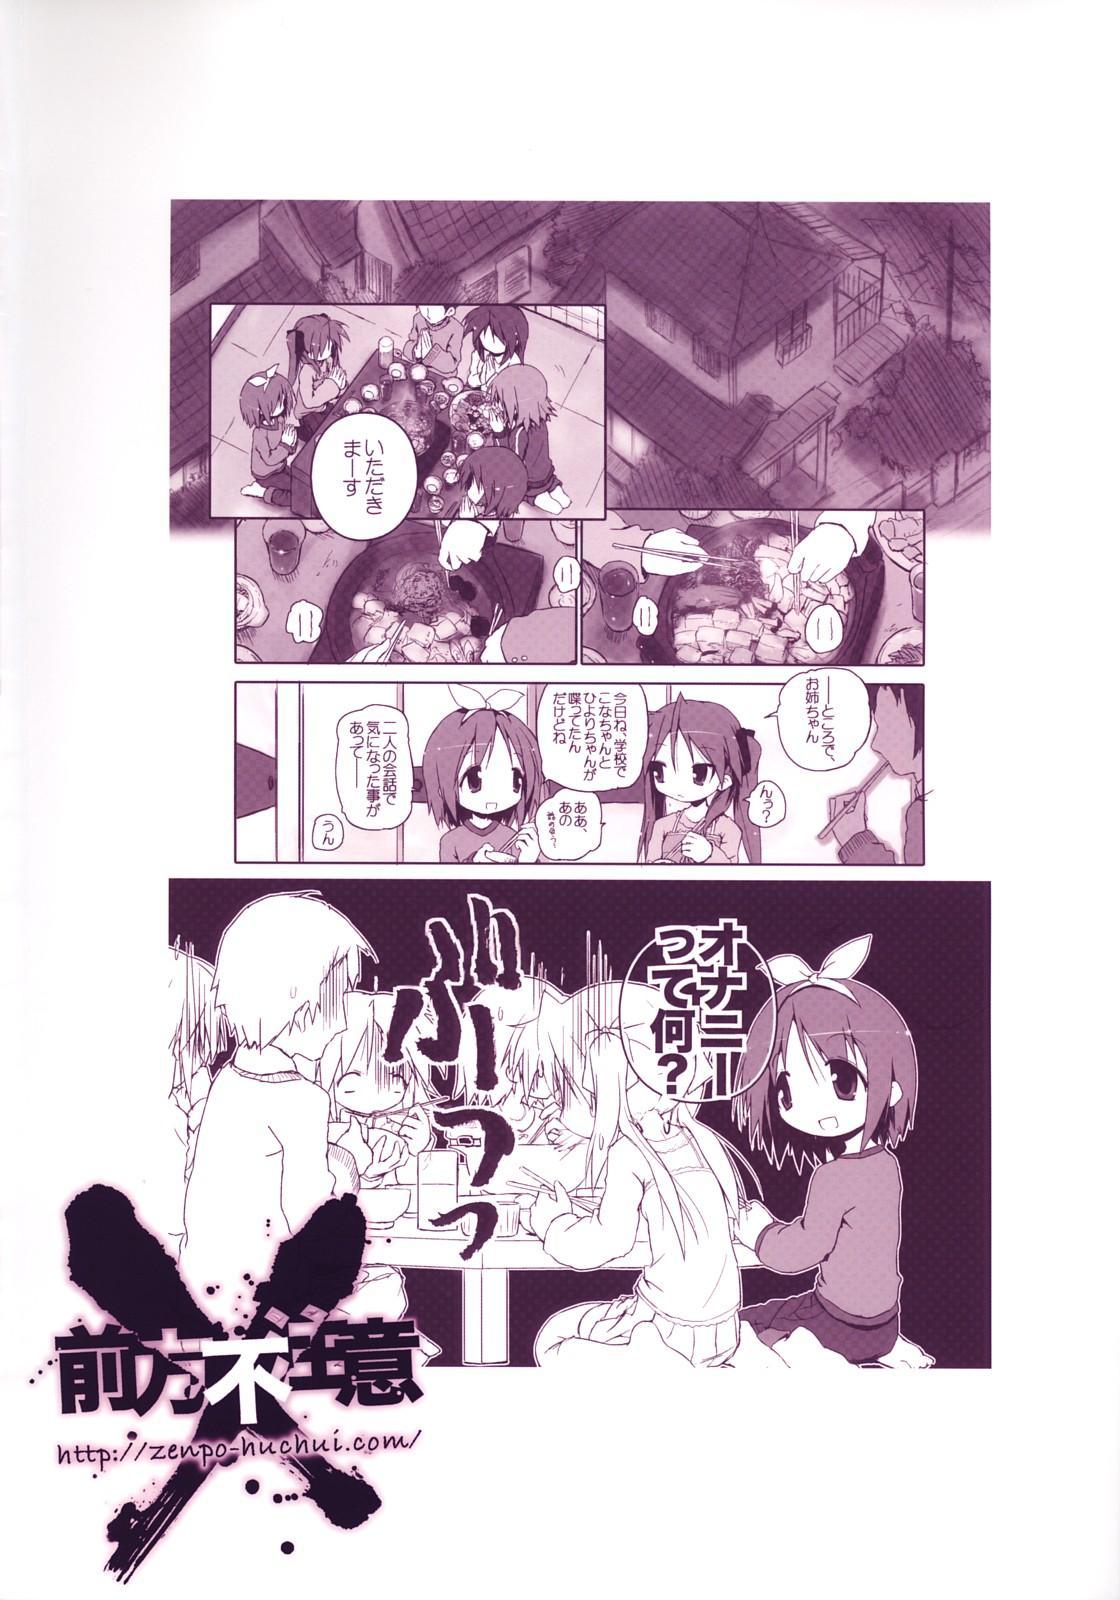 Hiiragi Shimai Aibu Manual 32